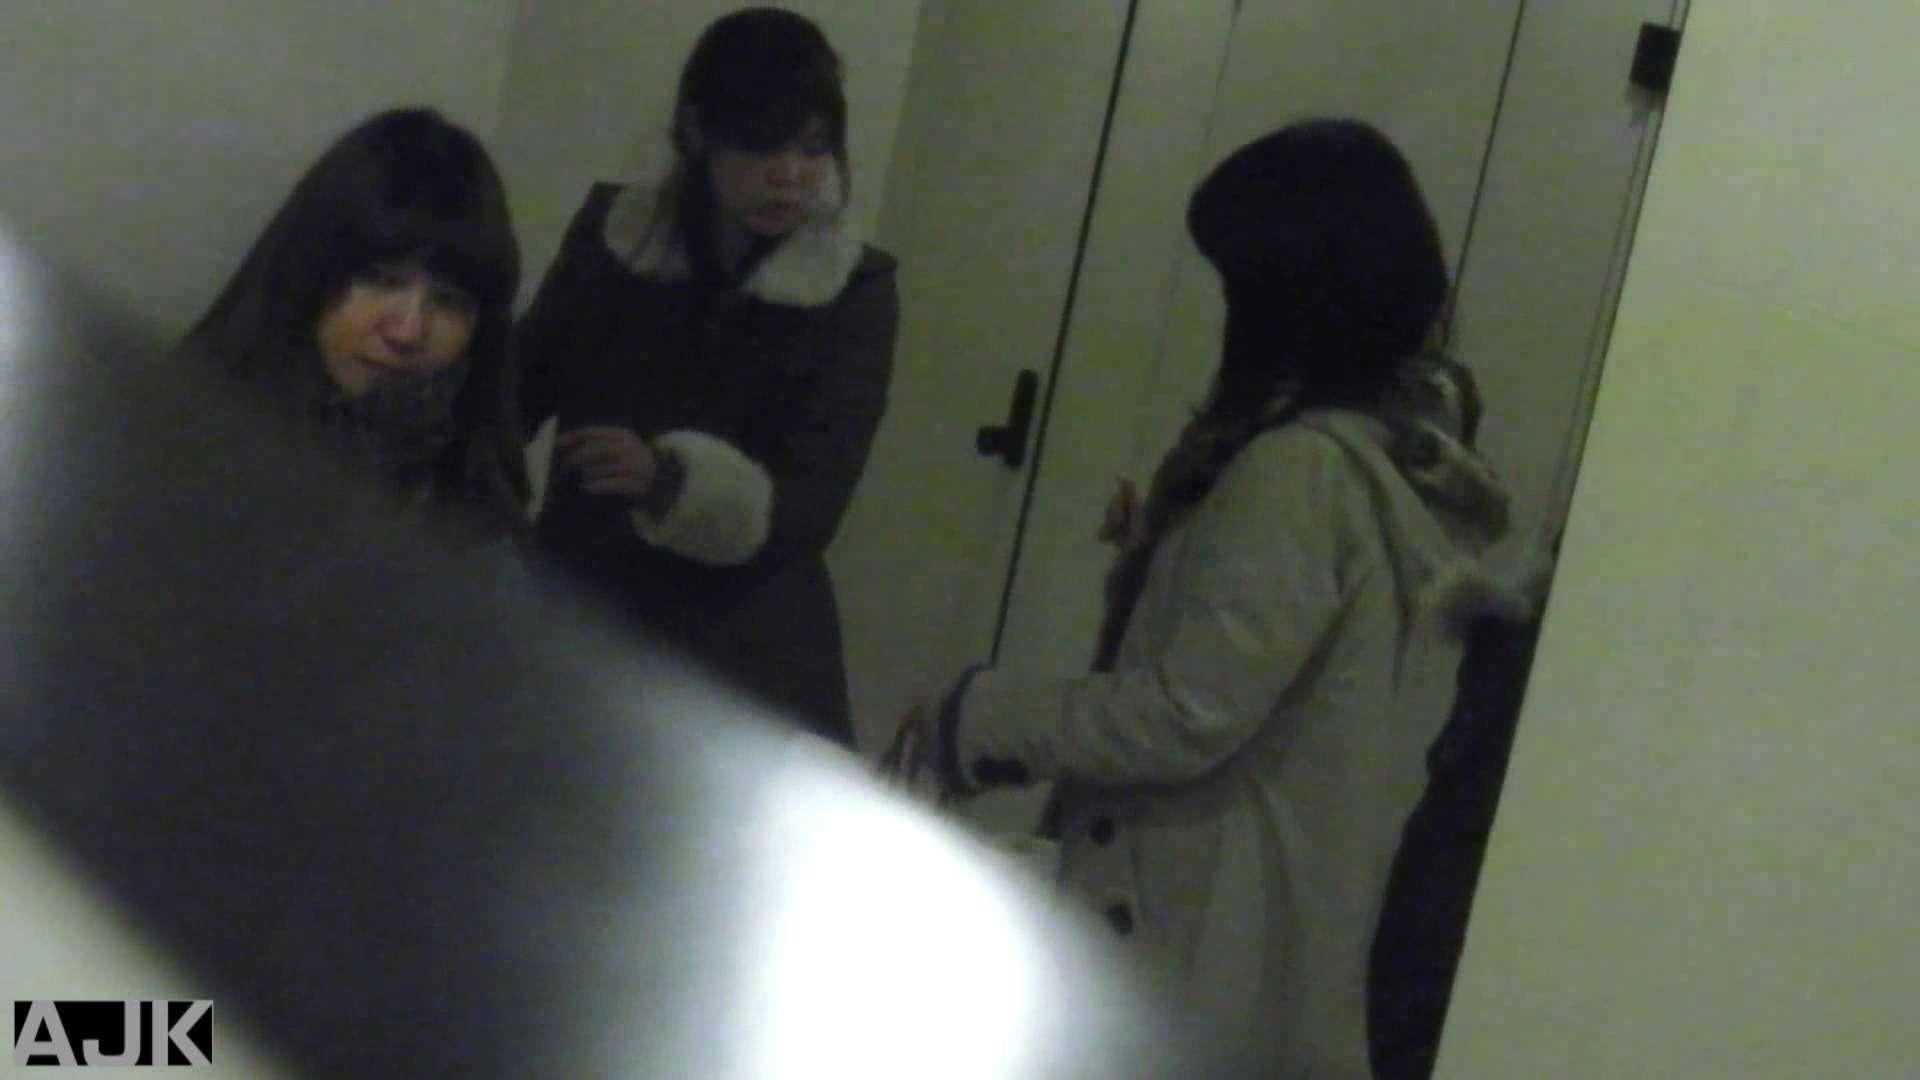 隣国上階級エリアの令嬢たちが集うデパートお手洗い Vol.20 便器 おめこ無修正画像 81画像 31